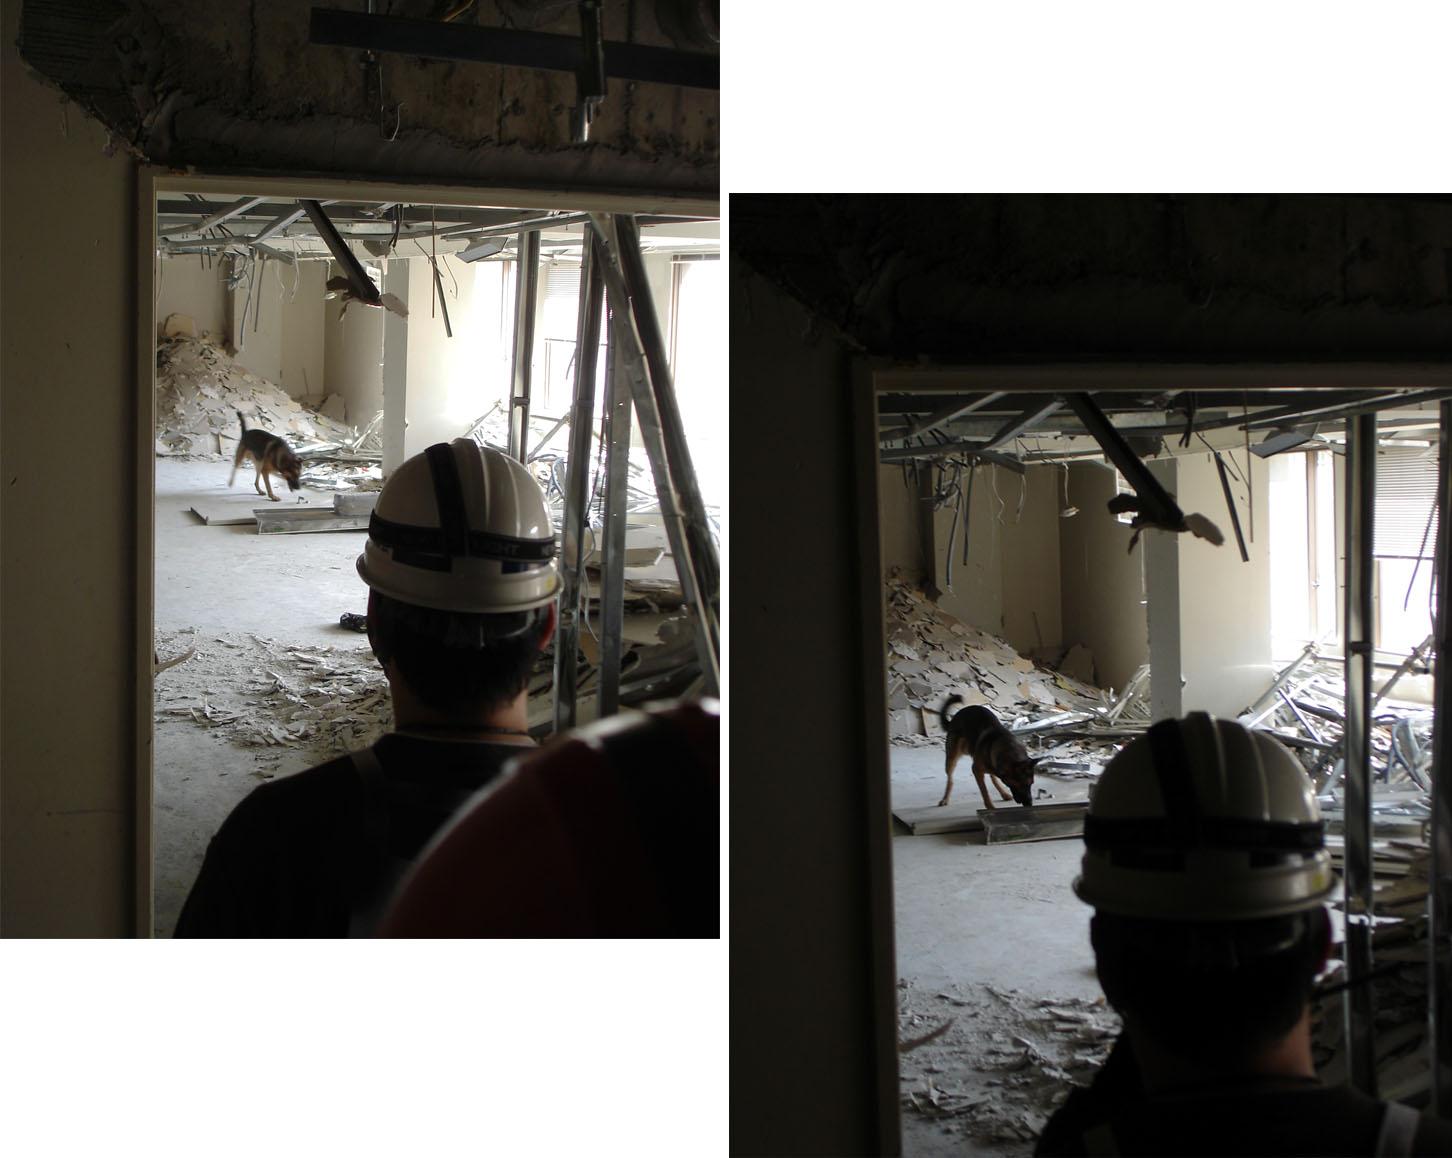 4月11日⑨ 室内捜索の様子